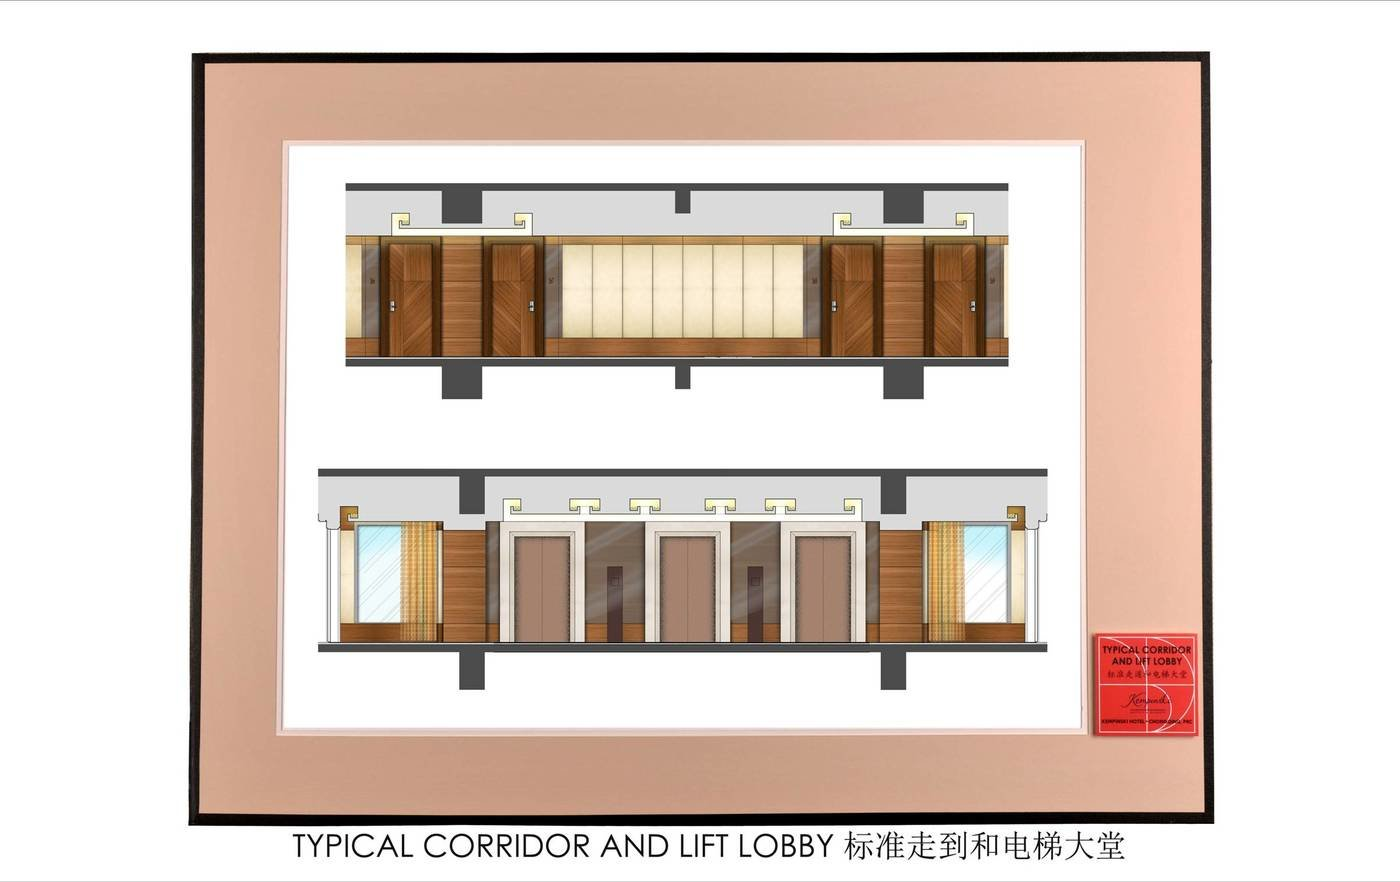 Kempinski Hotel, Chongqing, PRC by Chin Hei Ng at Coroflot.com